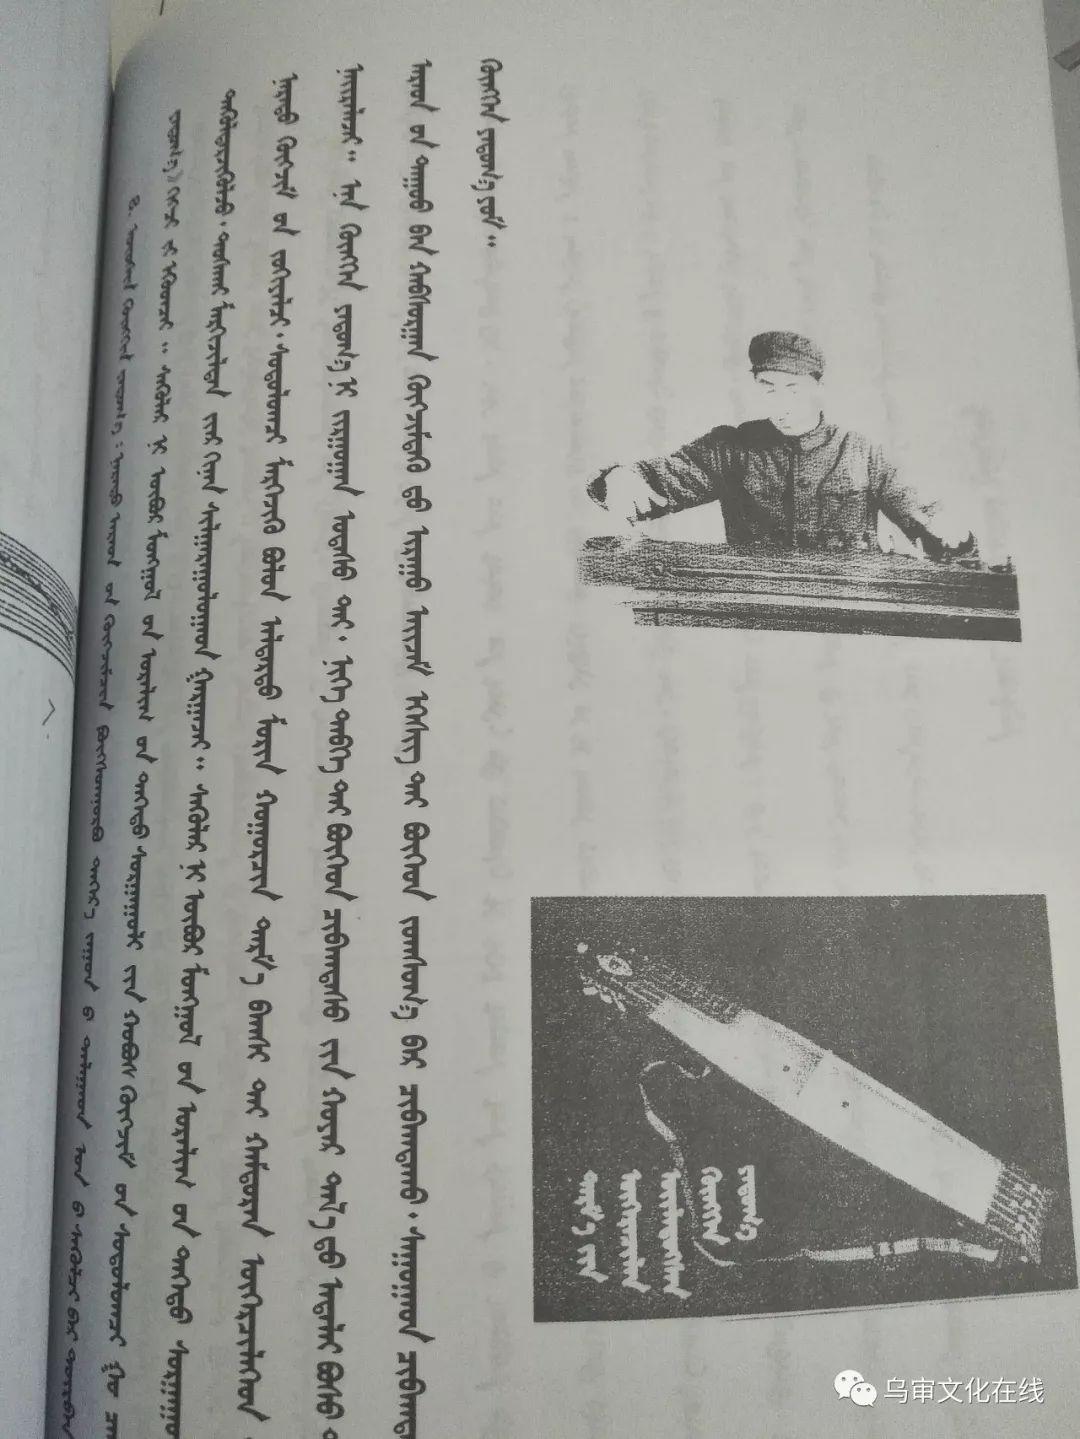 古筝教材~~~(蒙古文) 第7张 古筝教材~~~(蒙古文) 蒙古文库